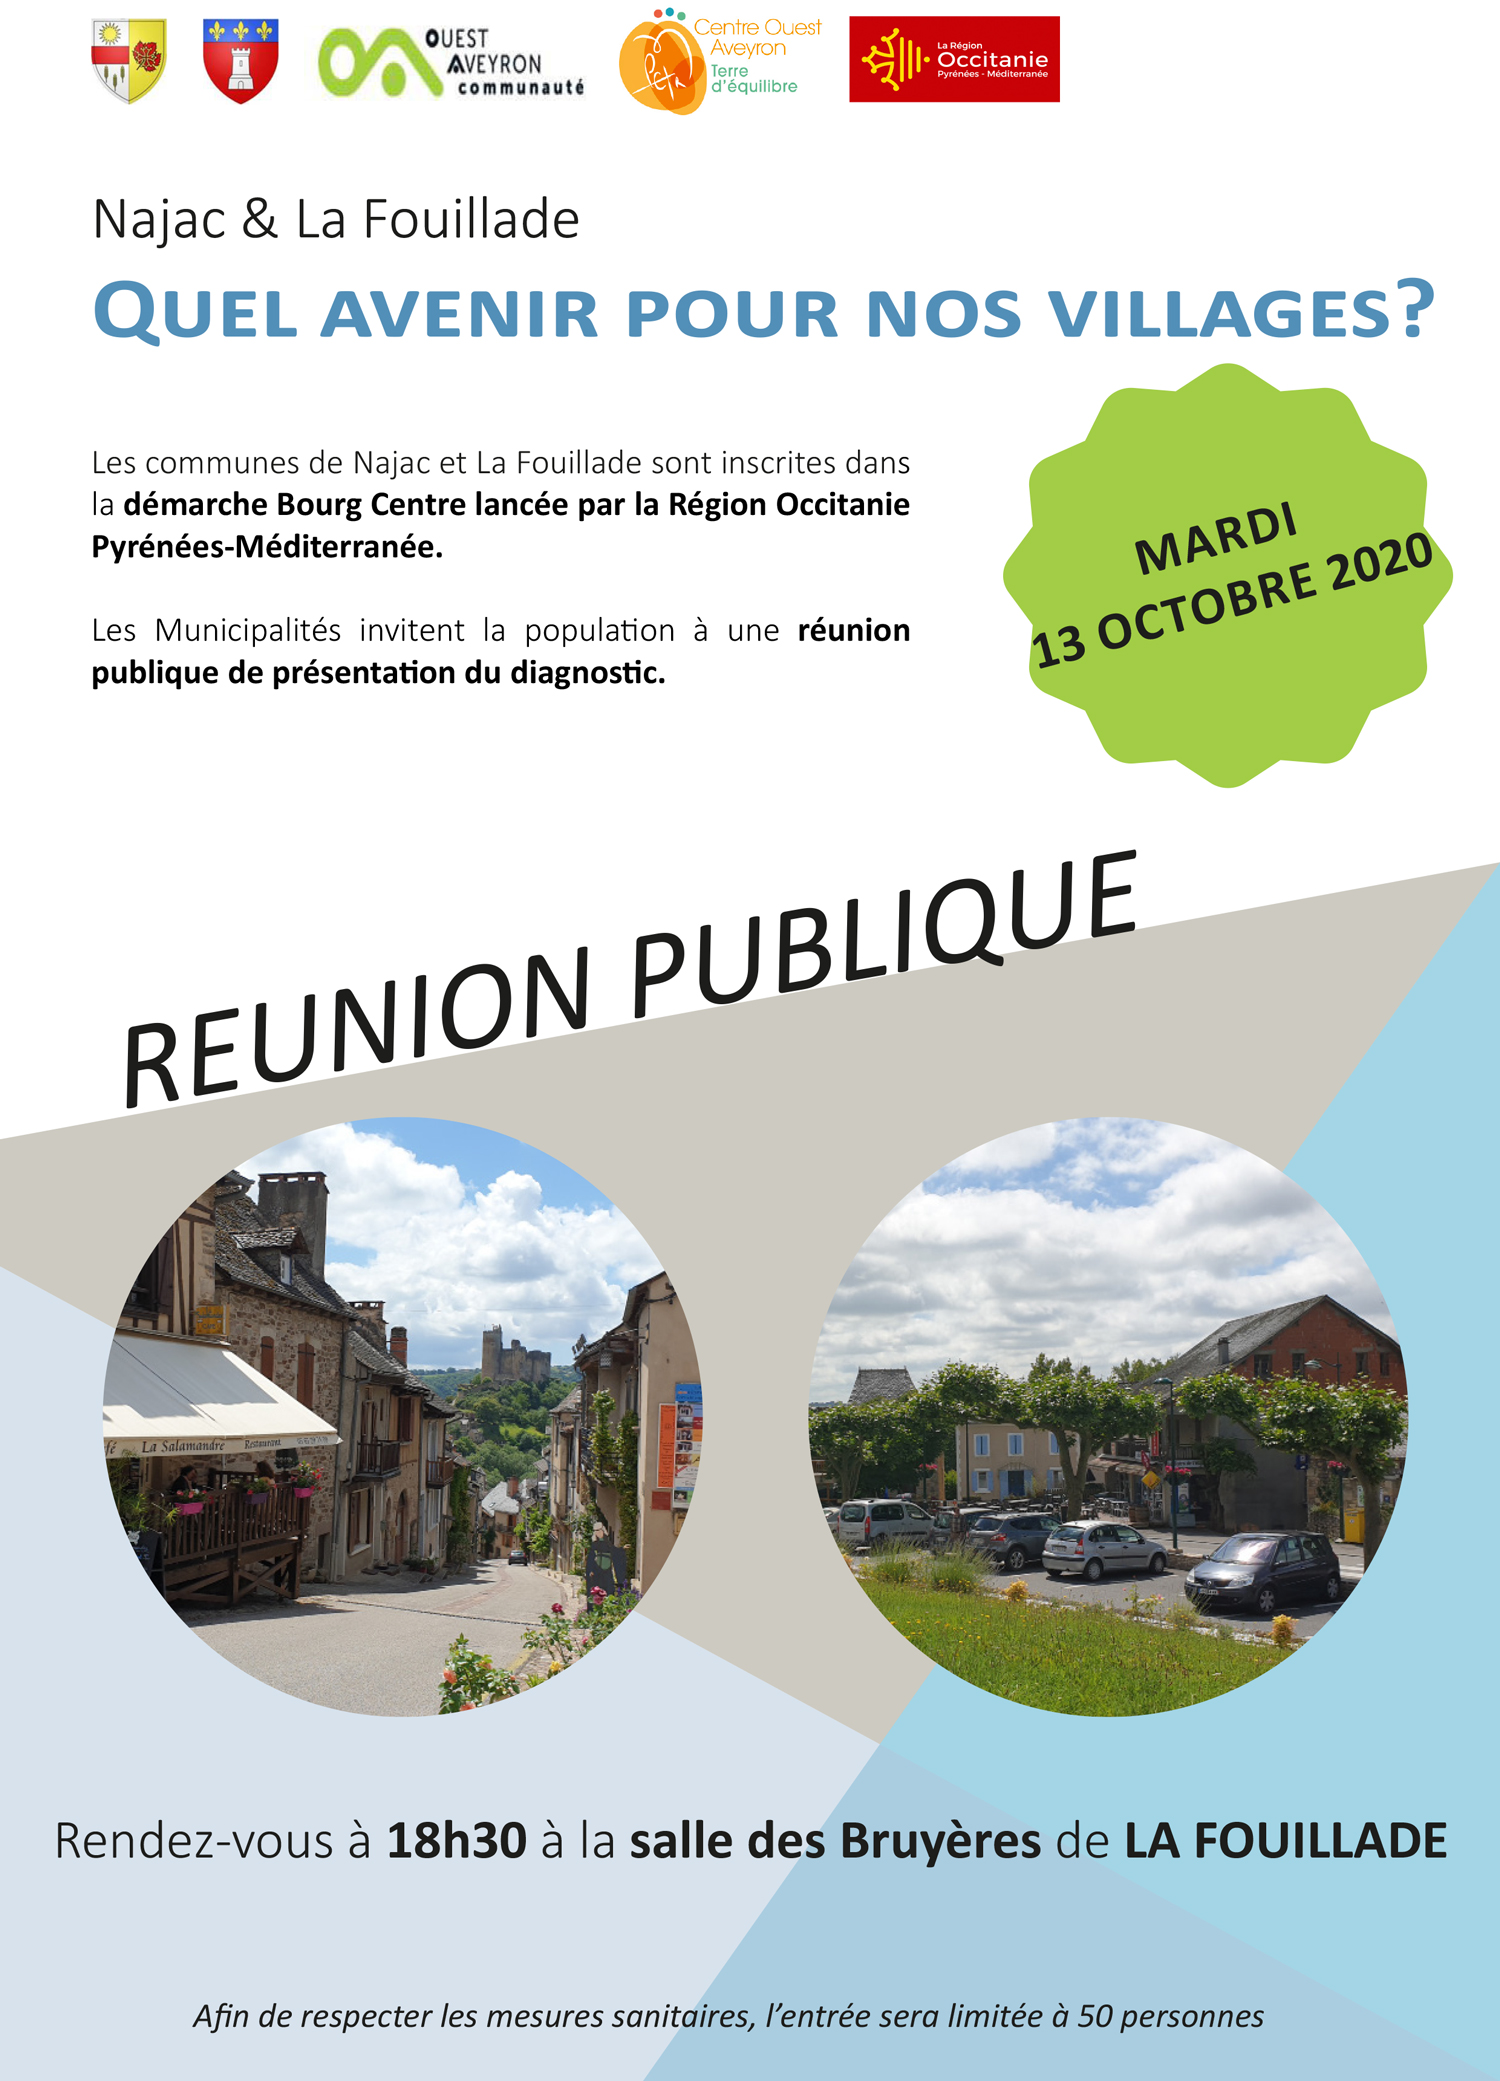 Quel avenir pour nos villages